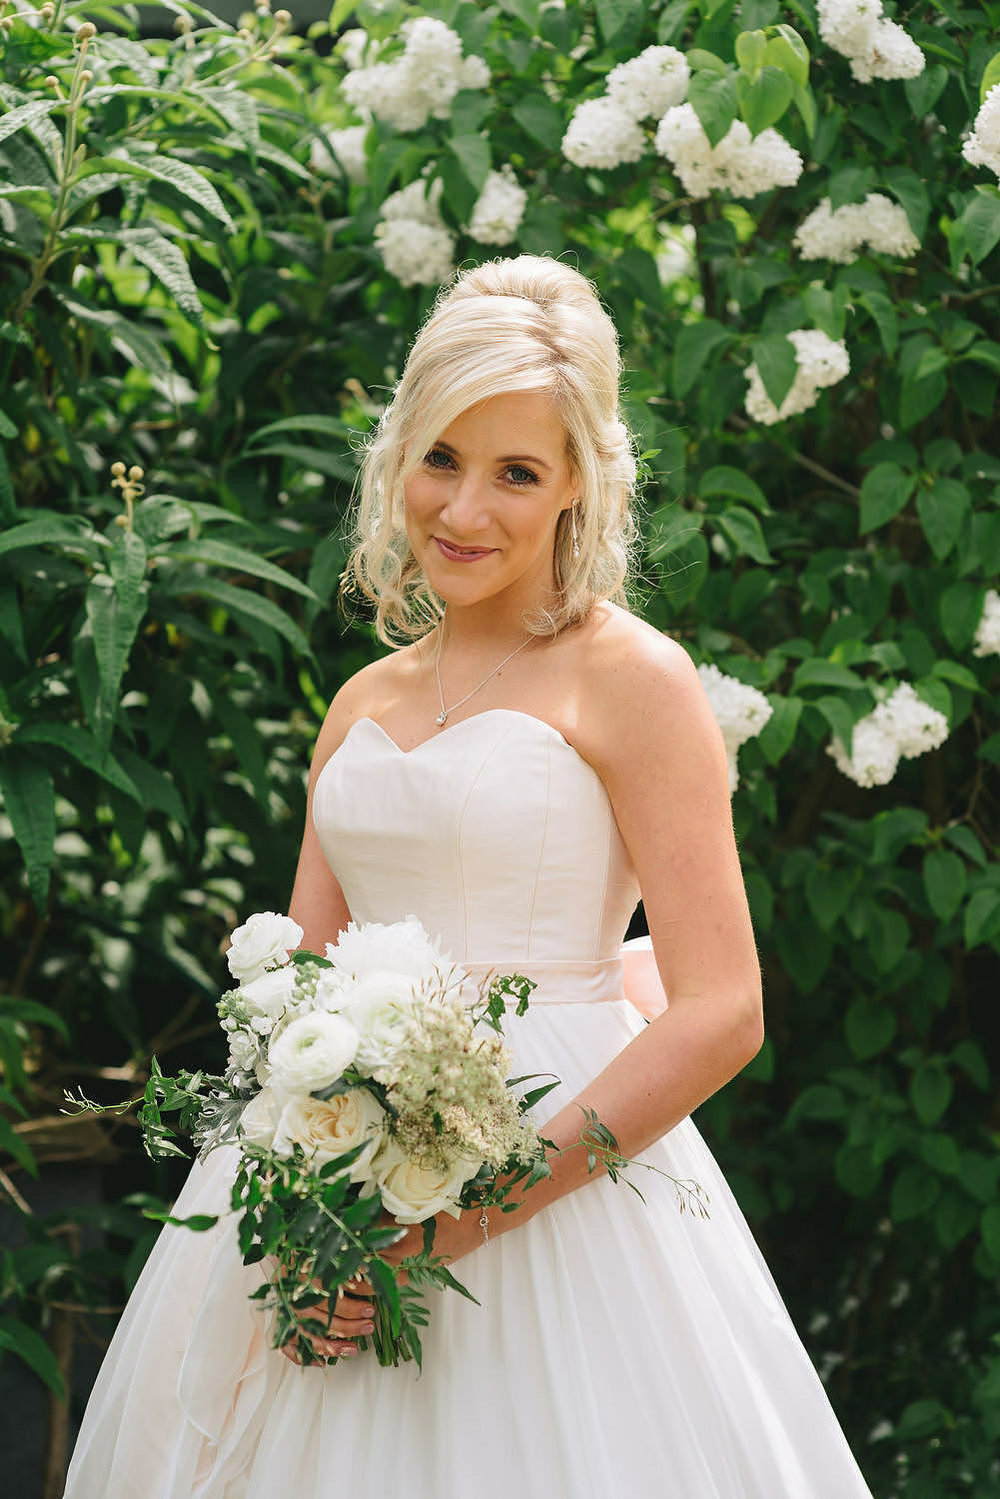 Queen's University Great Hall Wedding Photos 144.JPG